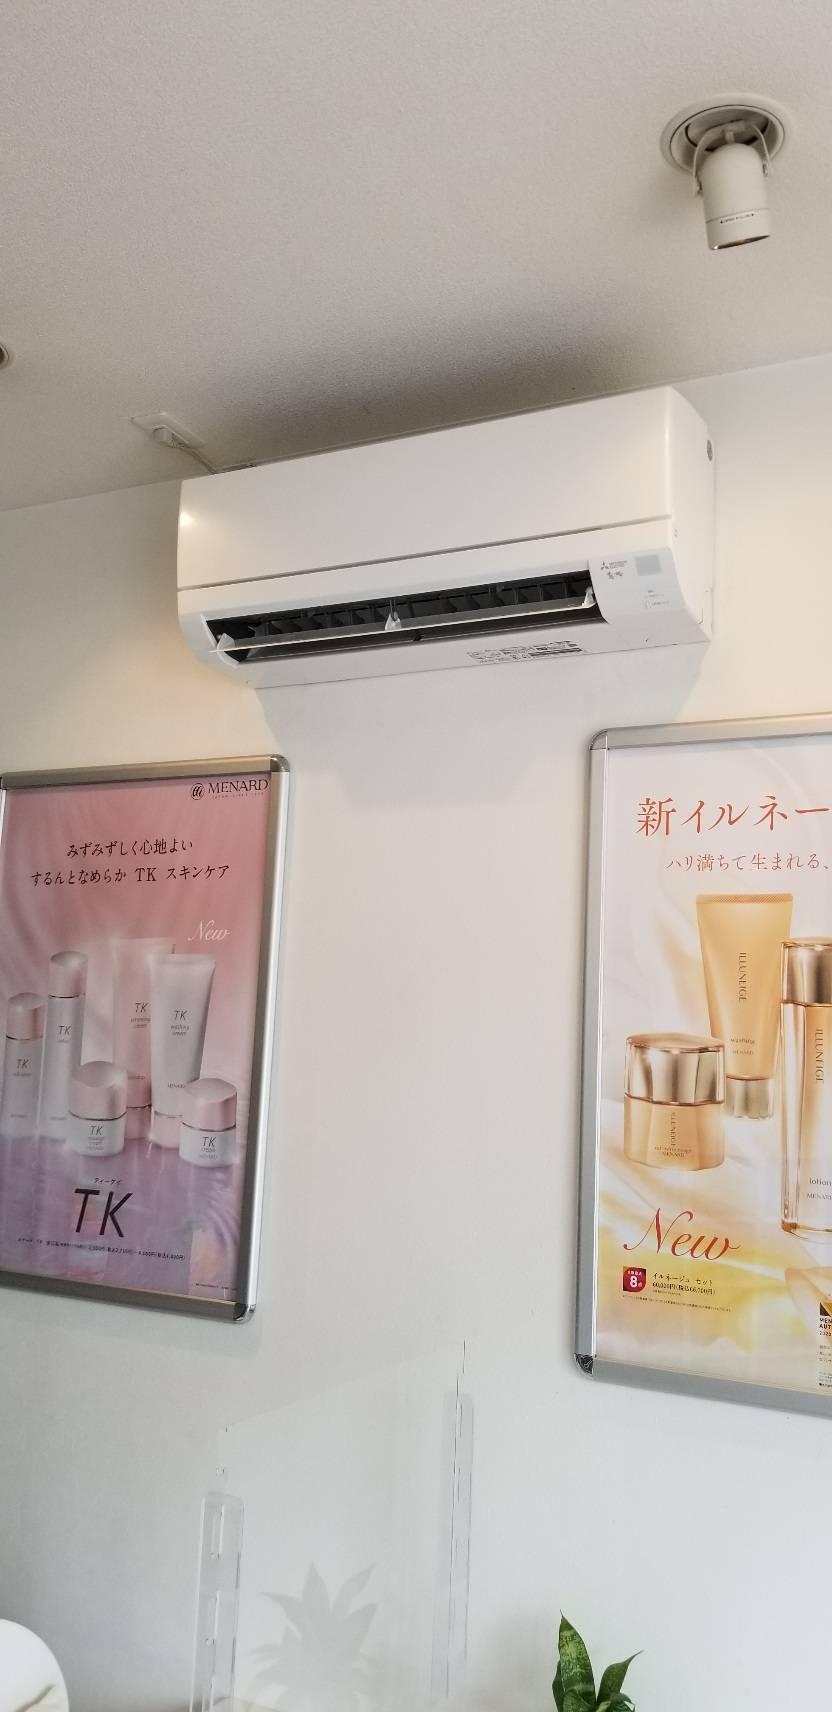 お客様にとってピッタリのエアコンをご提供いたします!